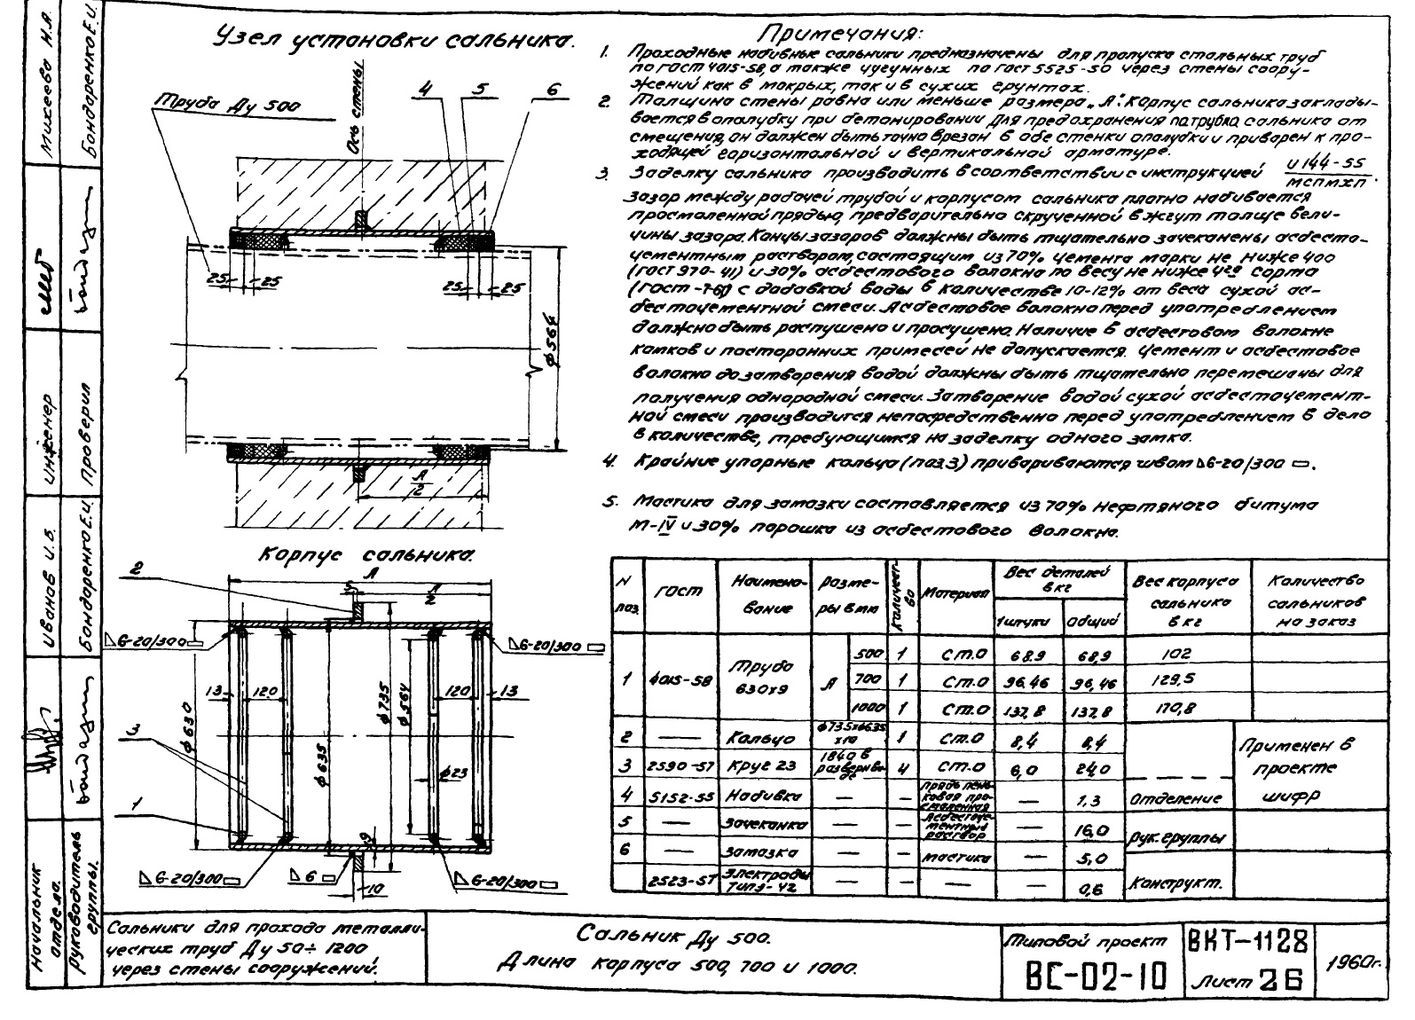 Сальники набивные L = 1000 мм типовой проект ВС-02-10 стр.12